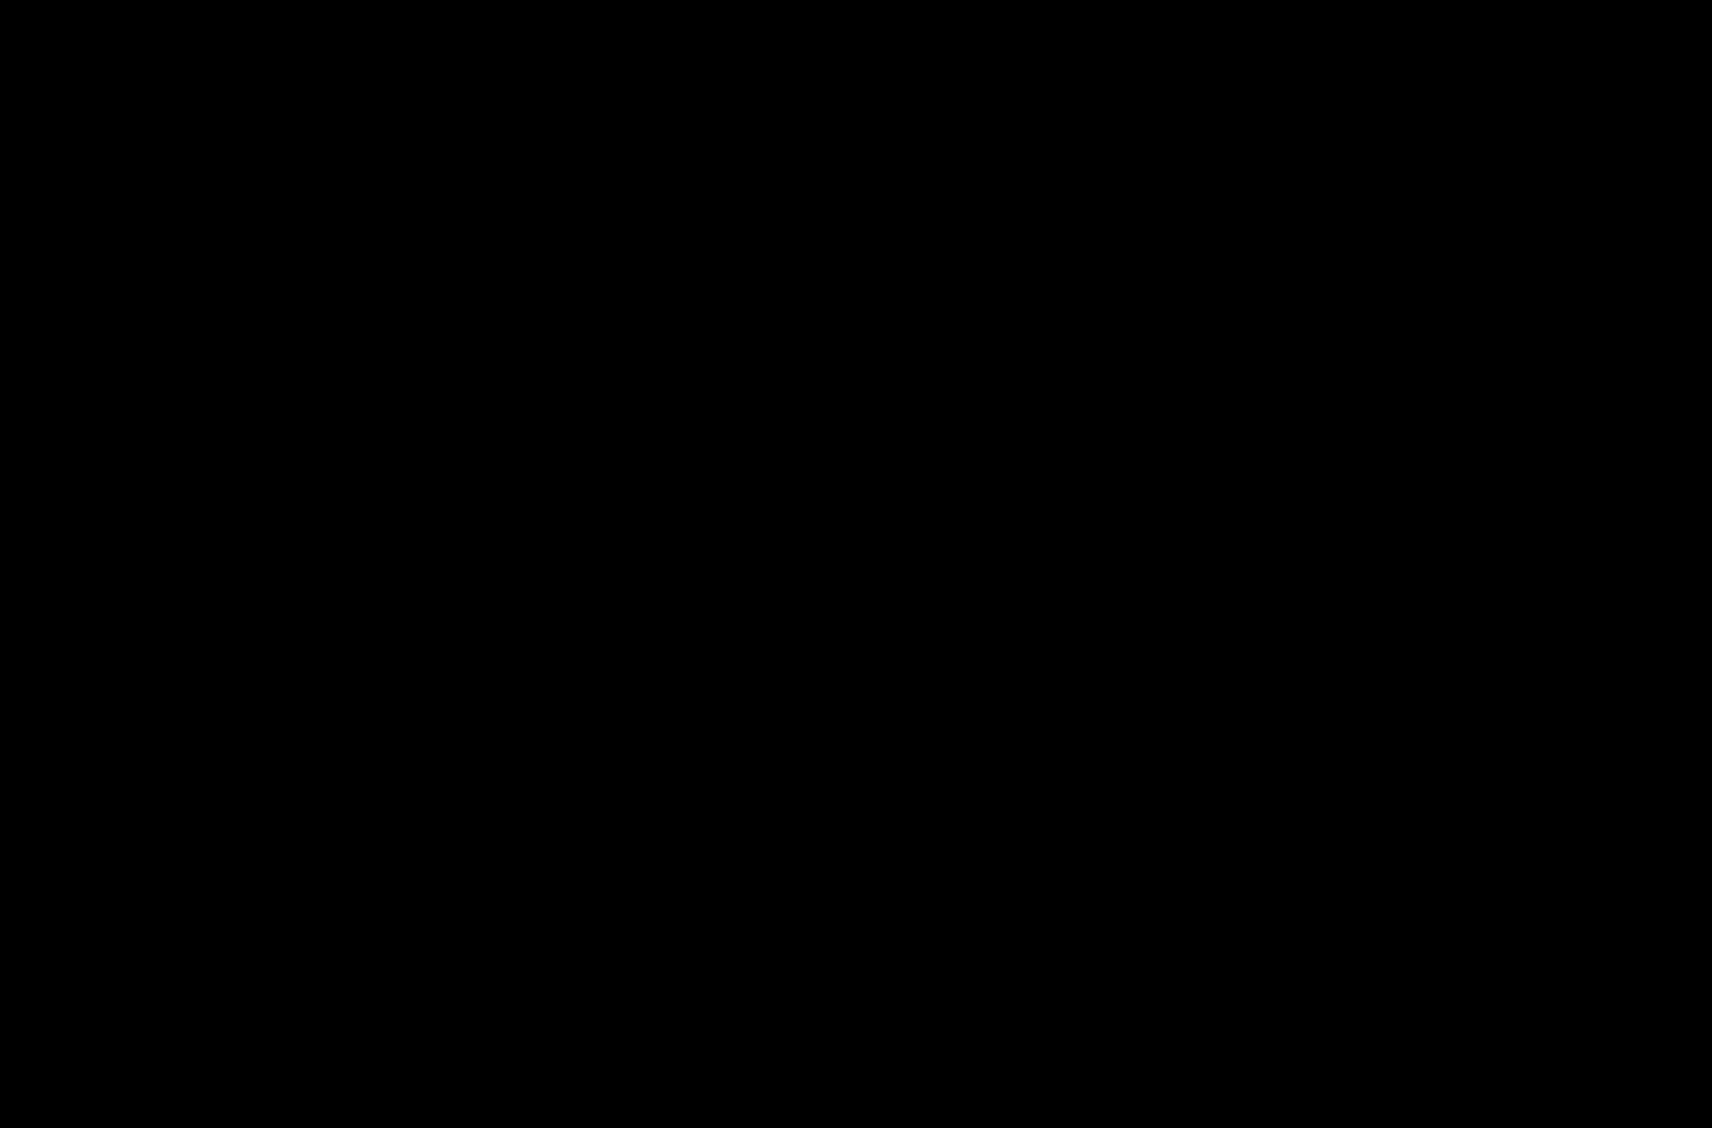 Evento para KIA con videowall de 92″ montado en estructura de madera a medida. Sonorización de la sala y microfonía Sennheiser.